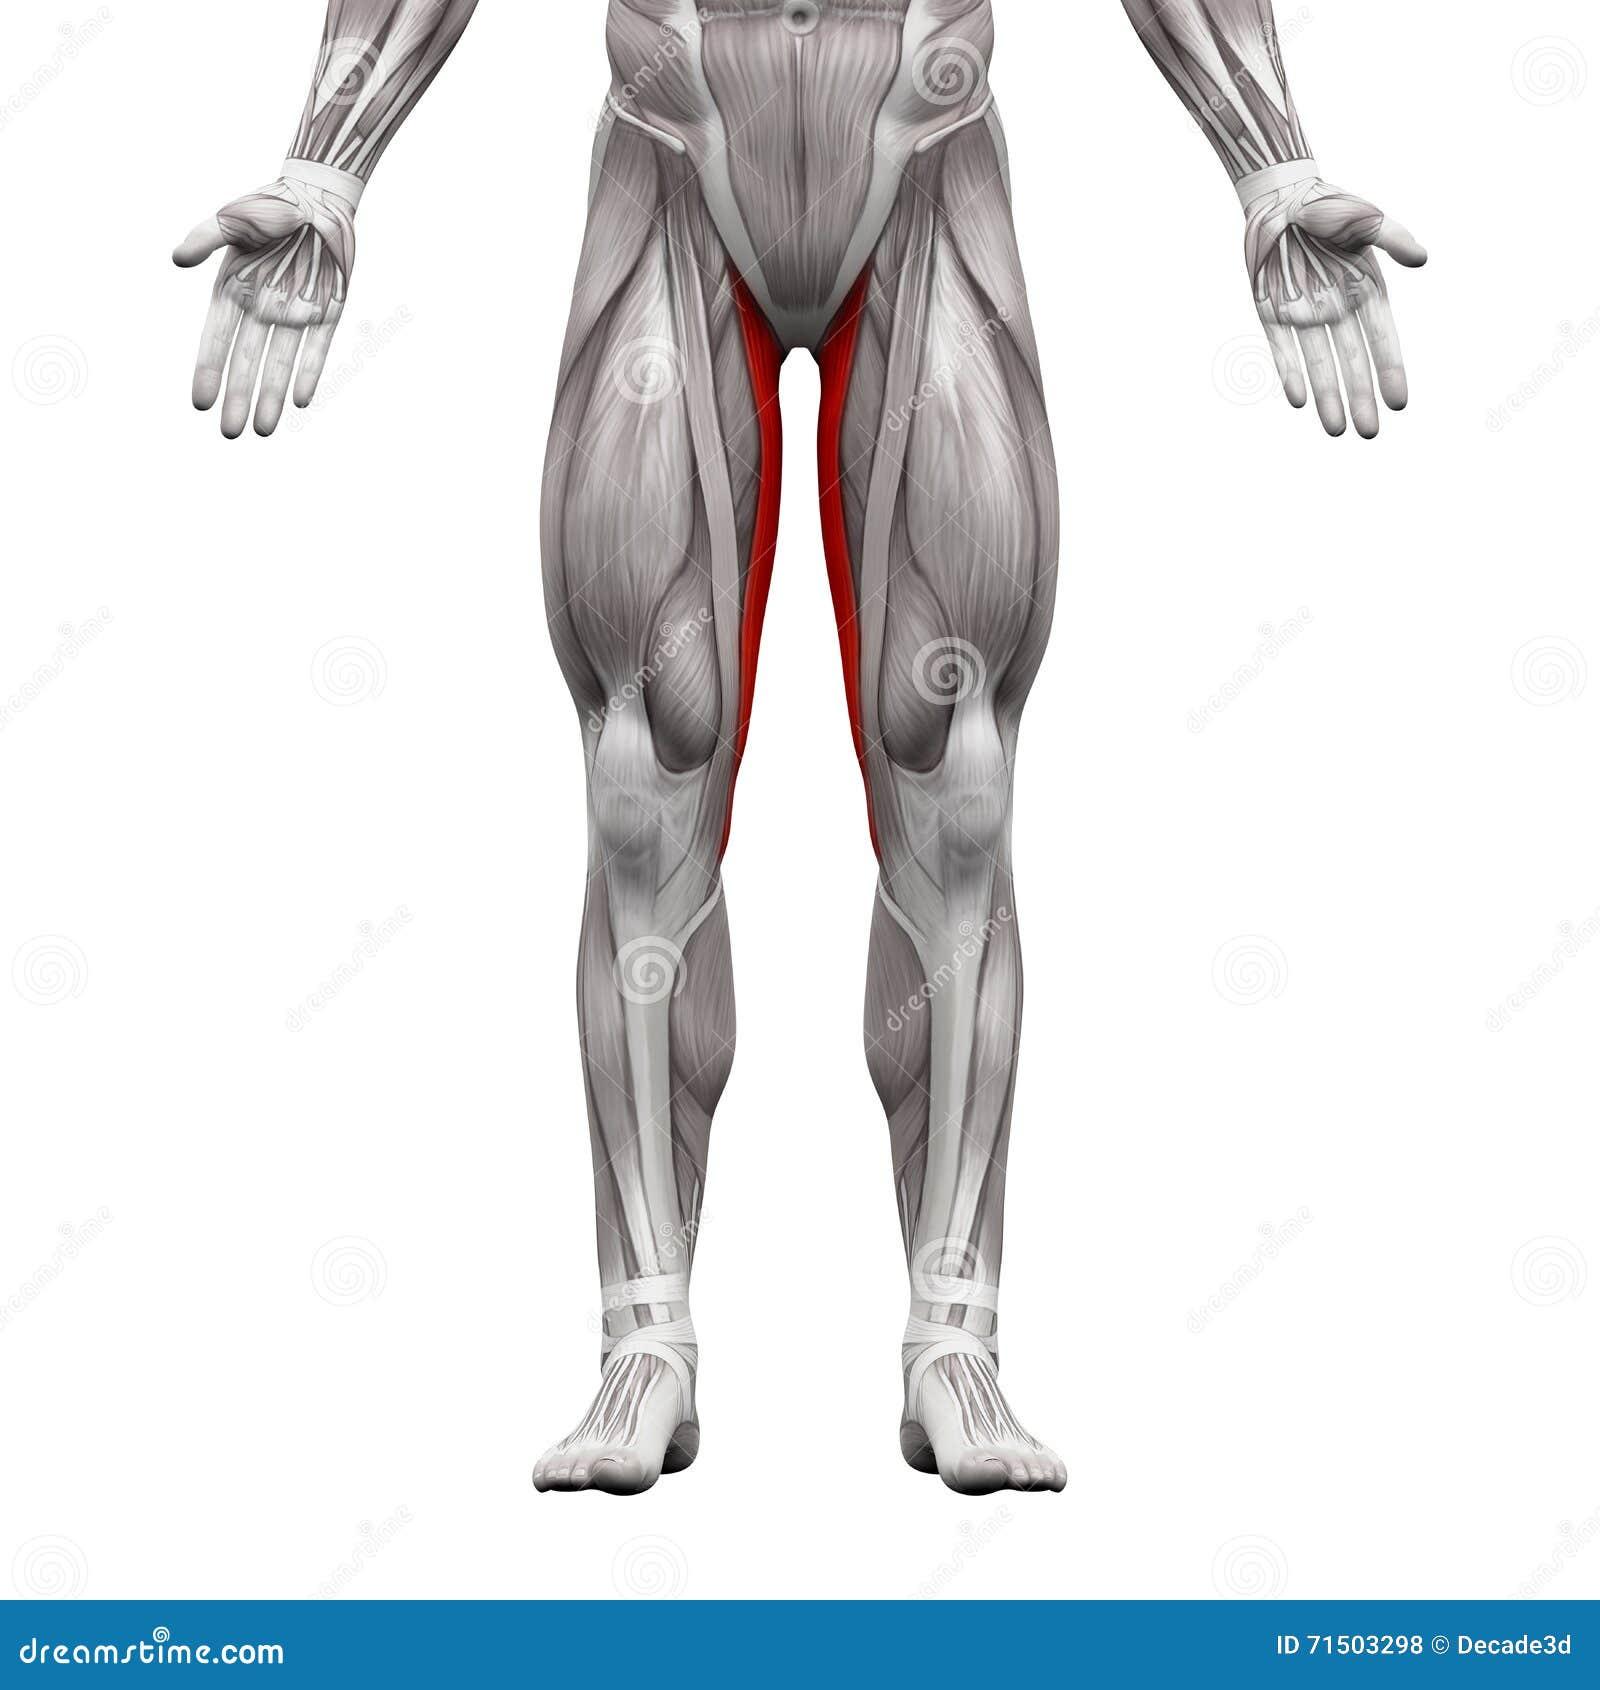 Atractivo Anatomía De Los Músculos De La Ingle Regalo - Imágenes de ...